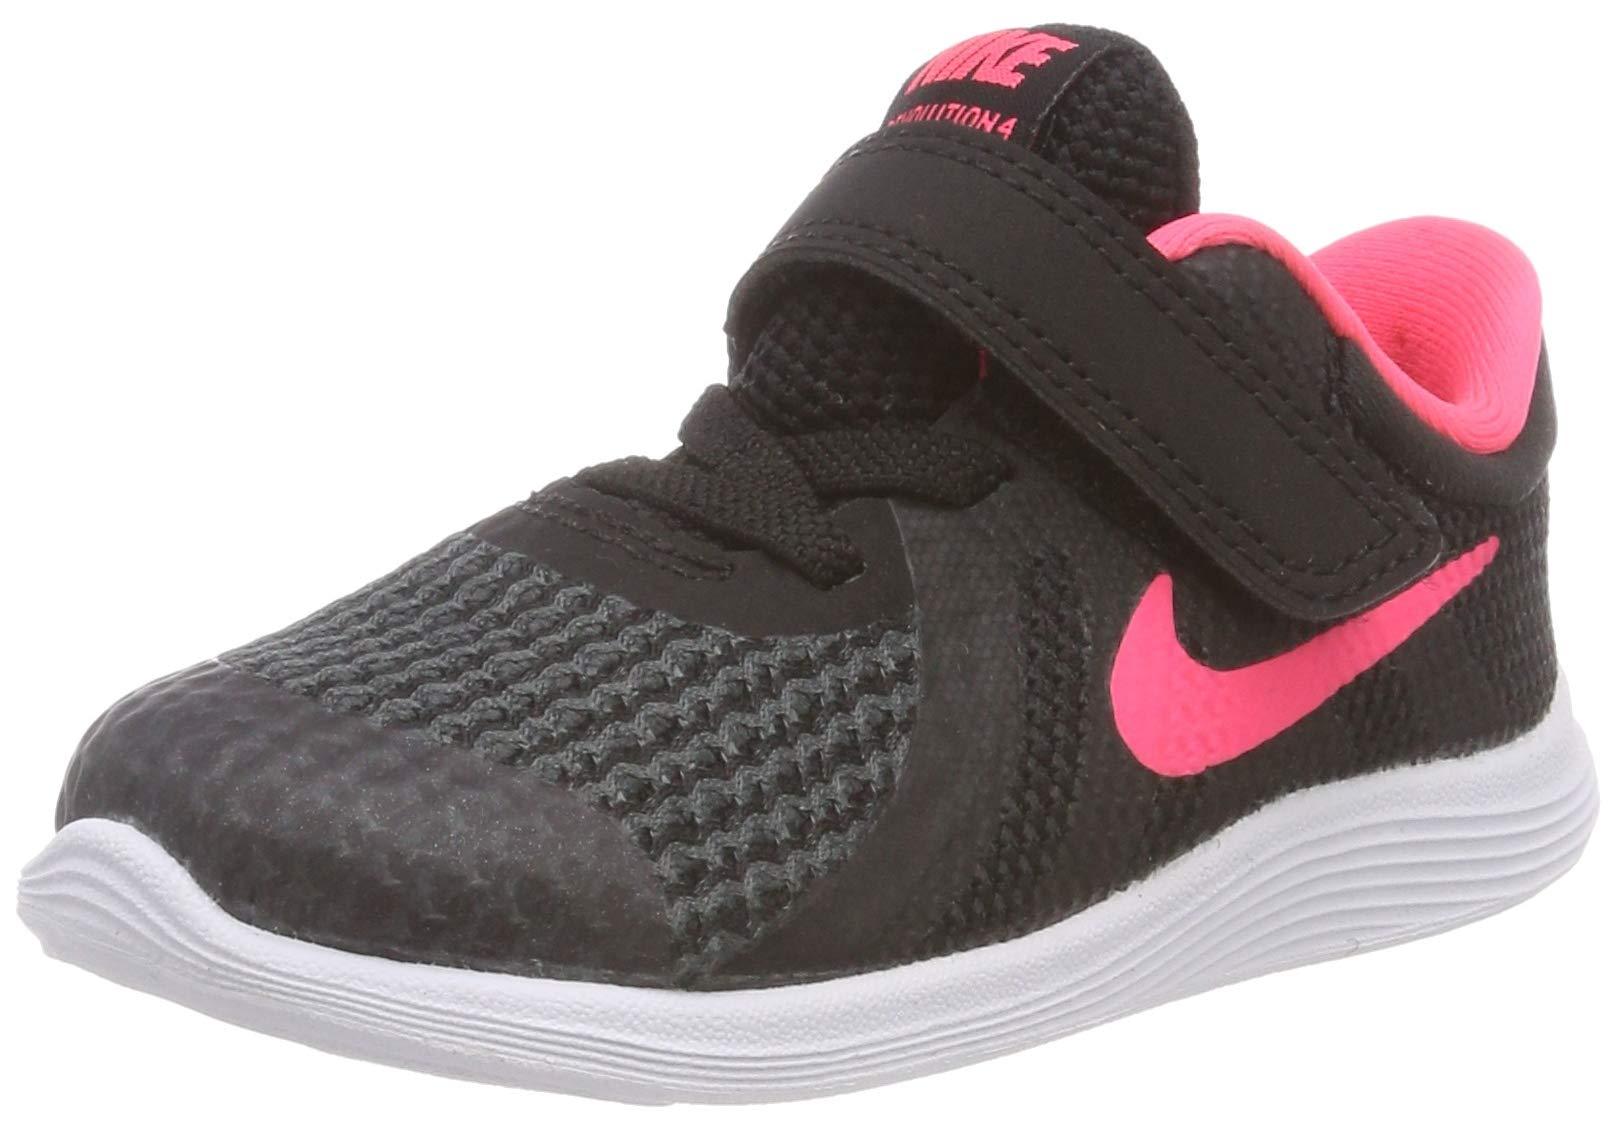 Nike Girls' Revolution 4 (TDV) Running Shoe, Black/Racer Pink - White, 9C Regular US Toddler